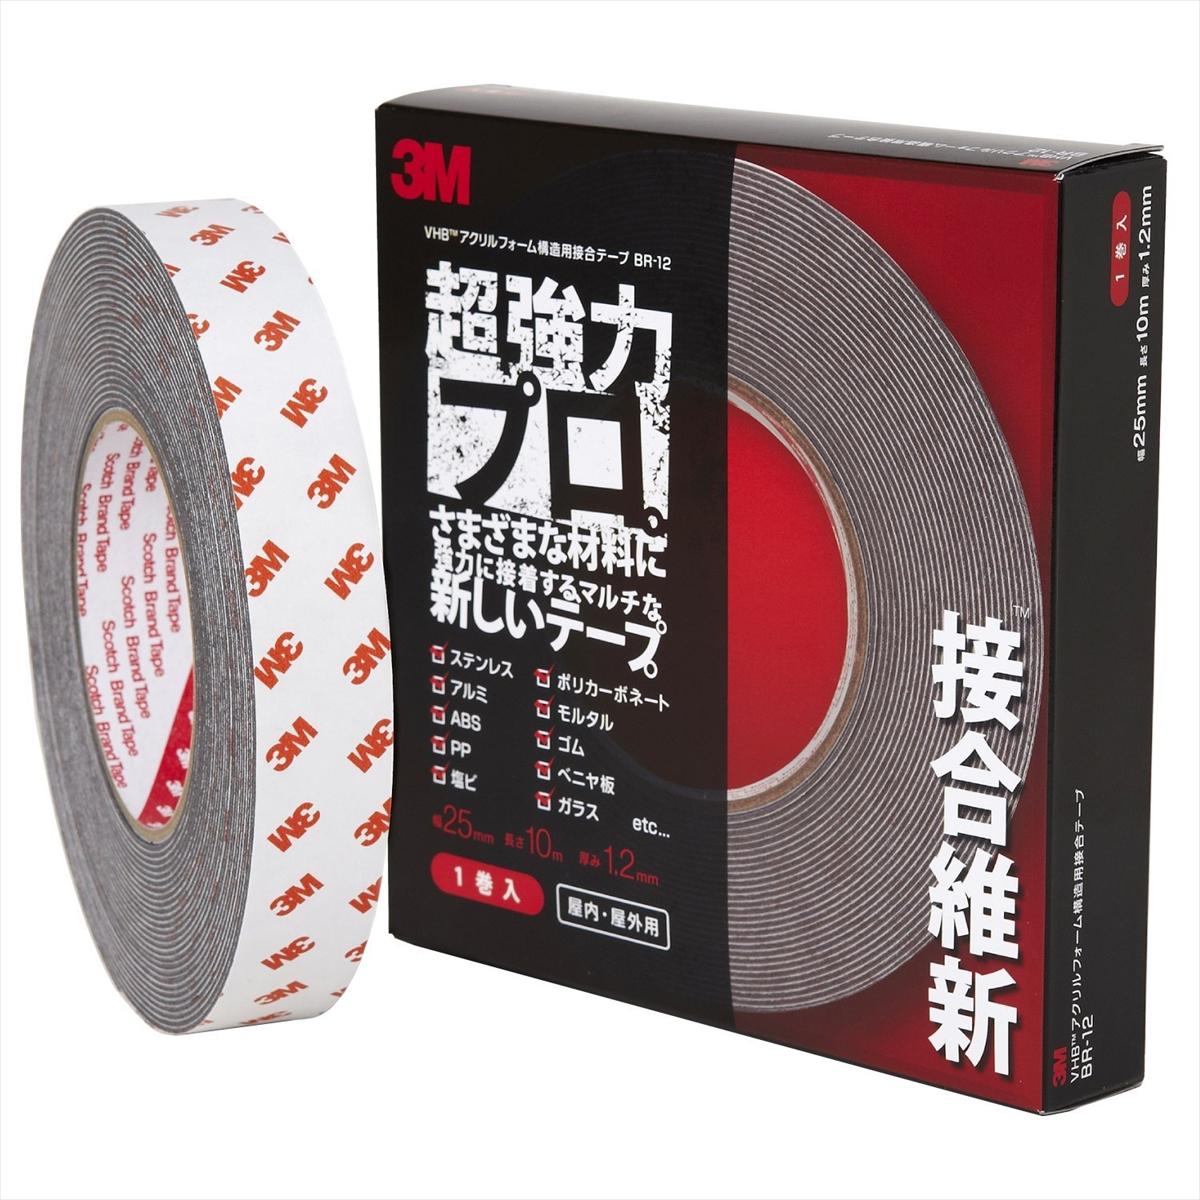 手数料無料 3M スリーエム VHB 超強力構造用接合テープ 25×10 BR-12 25mm×10m 接合維新 贈物